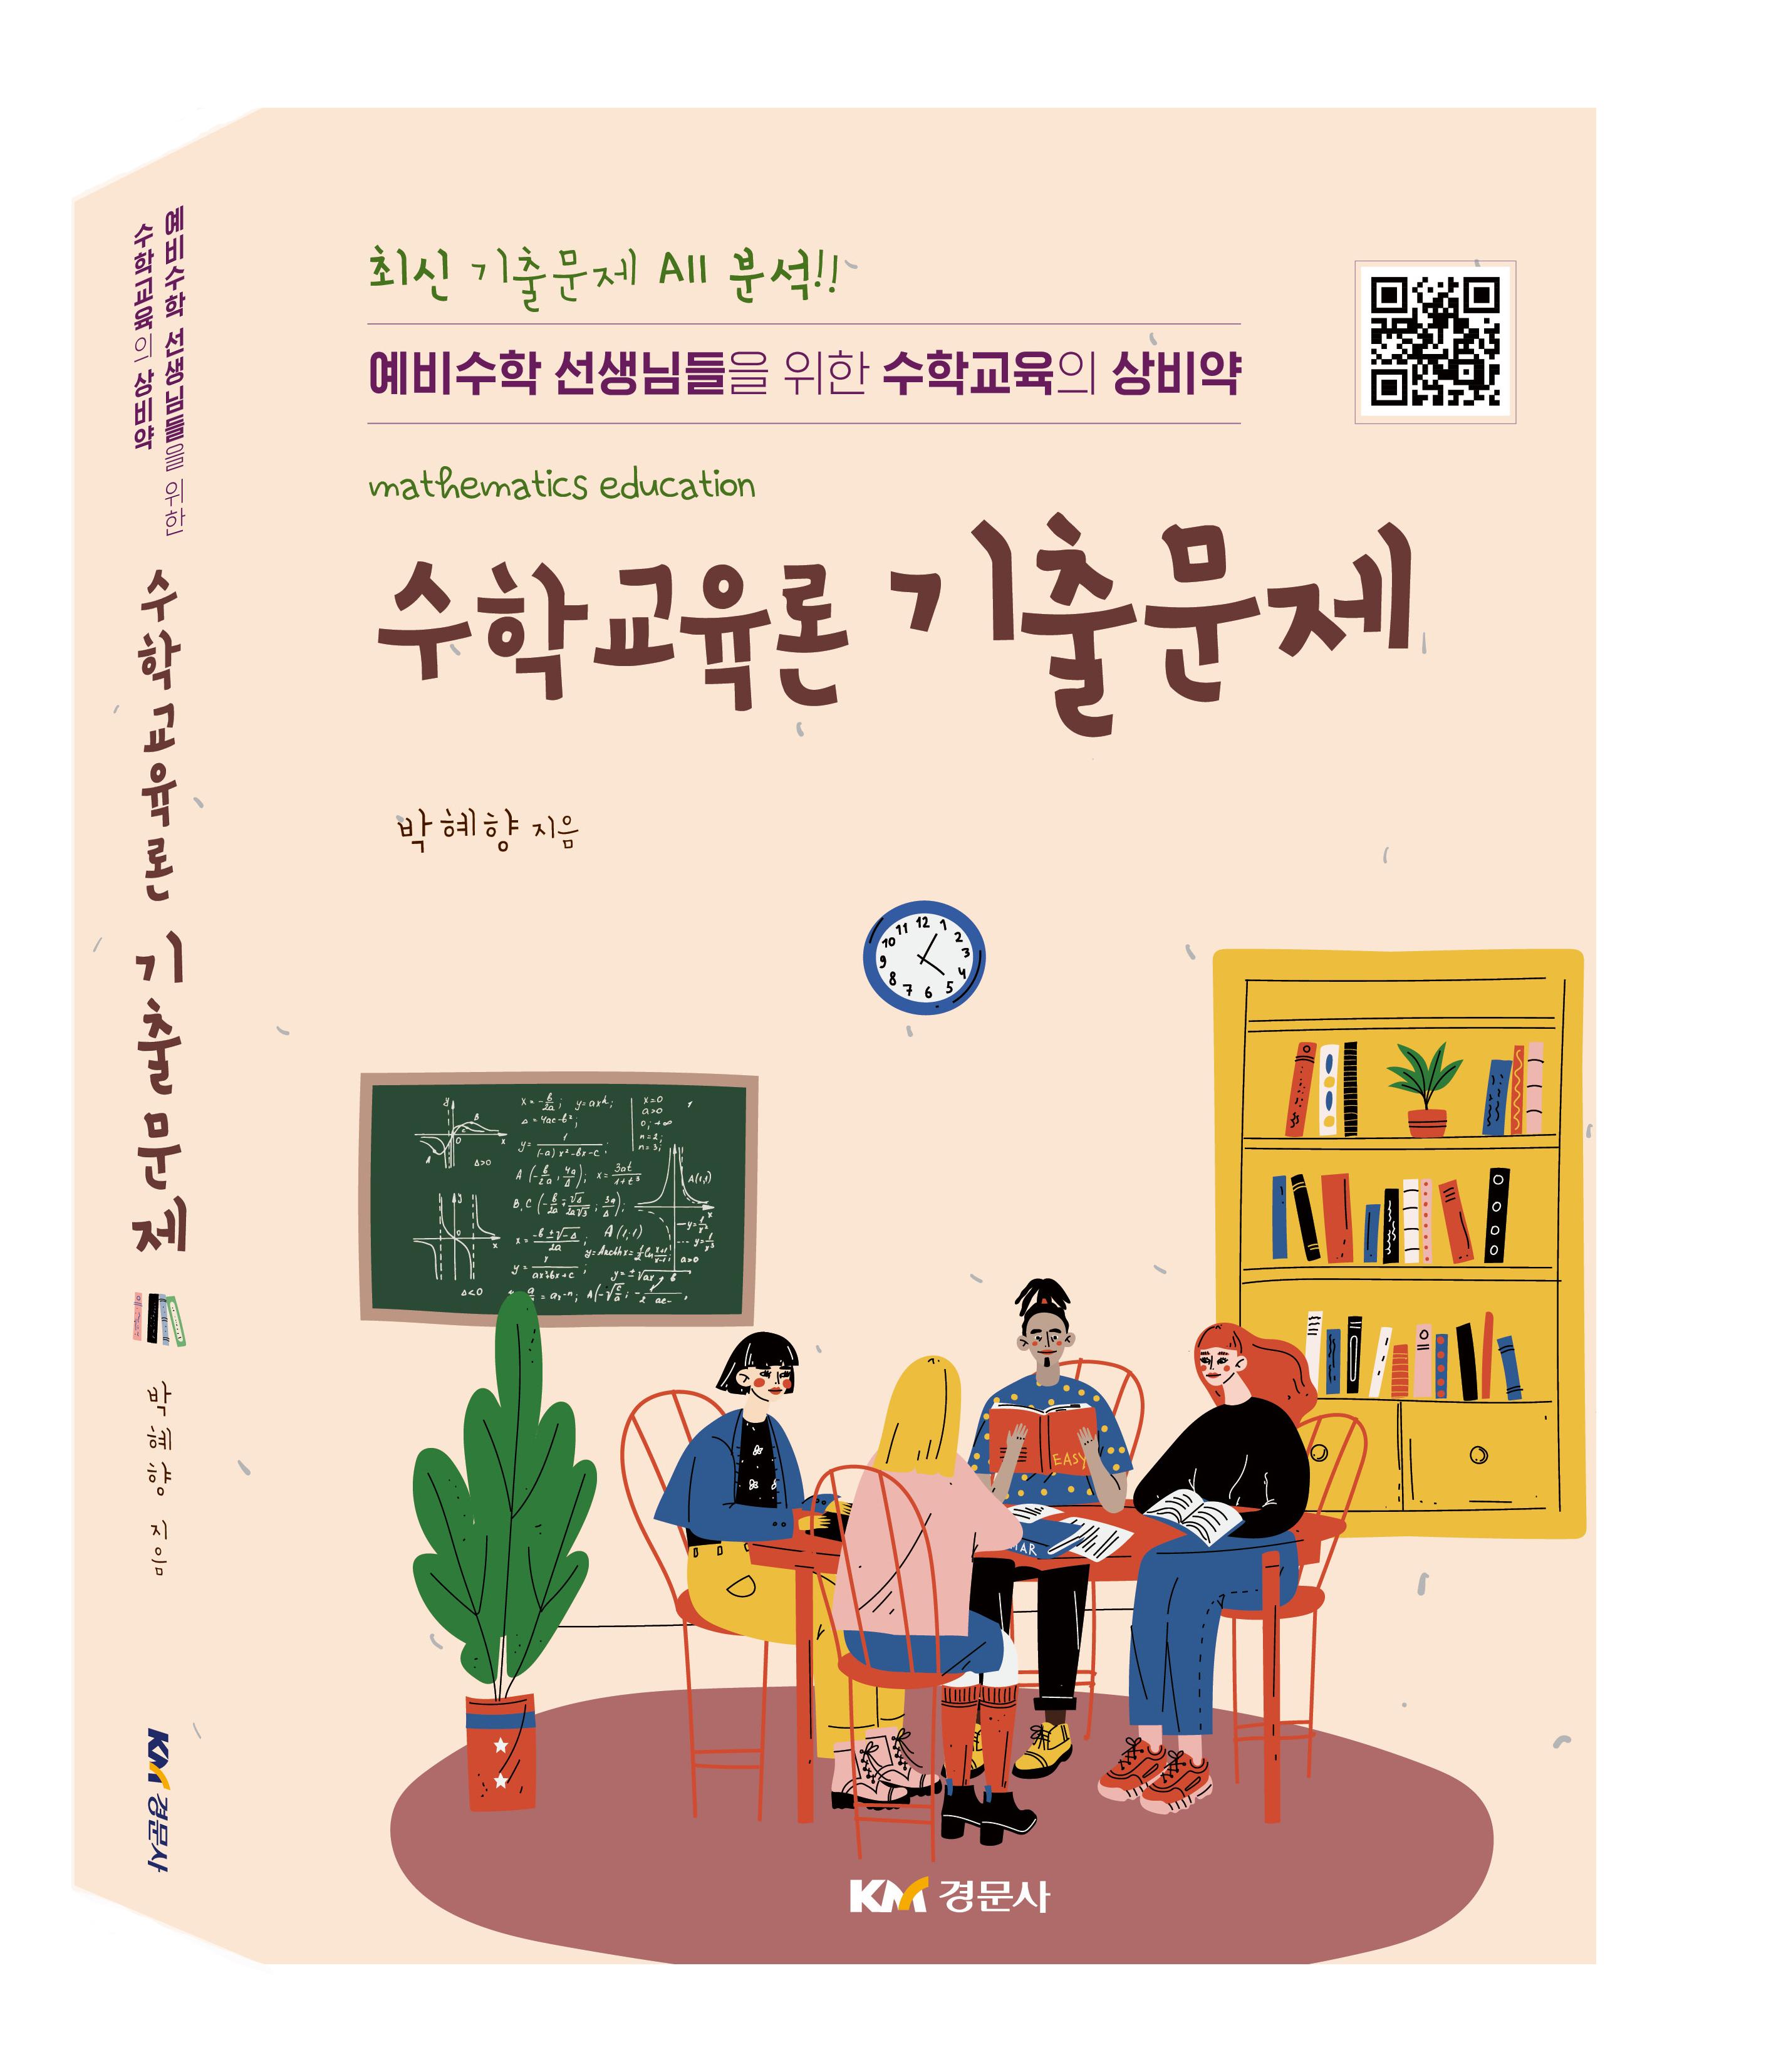 박혜향 수학교육론 기출문제